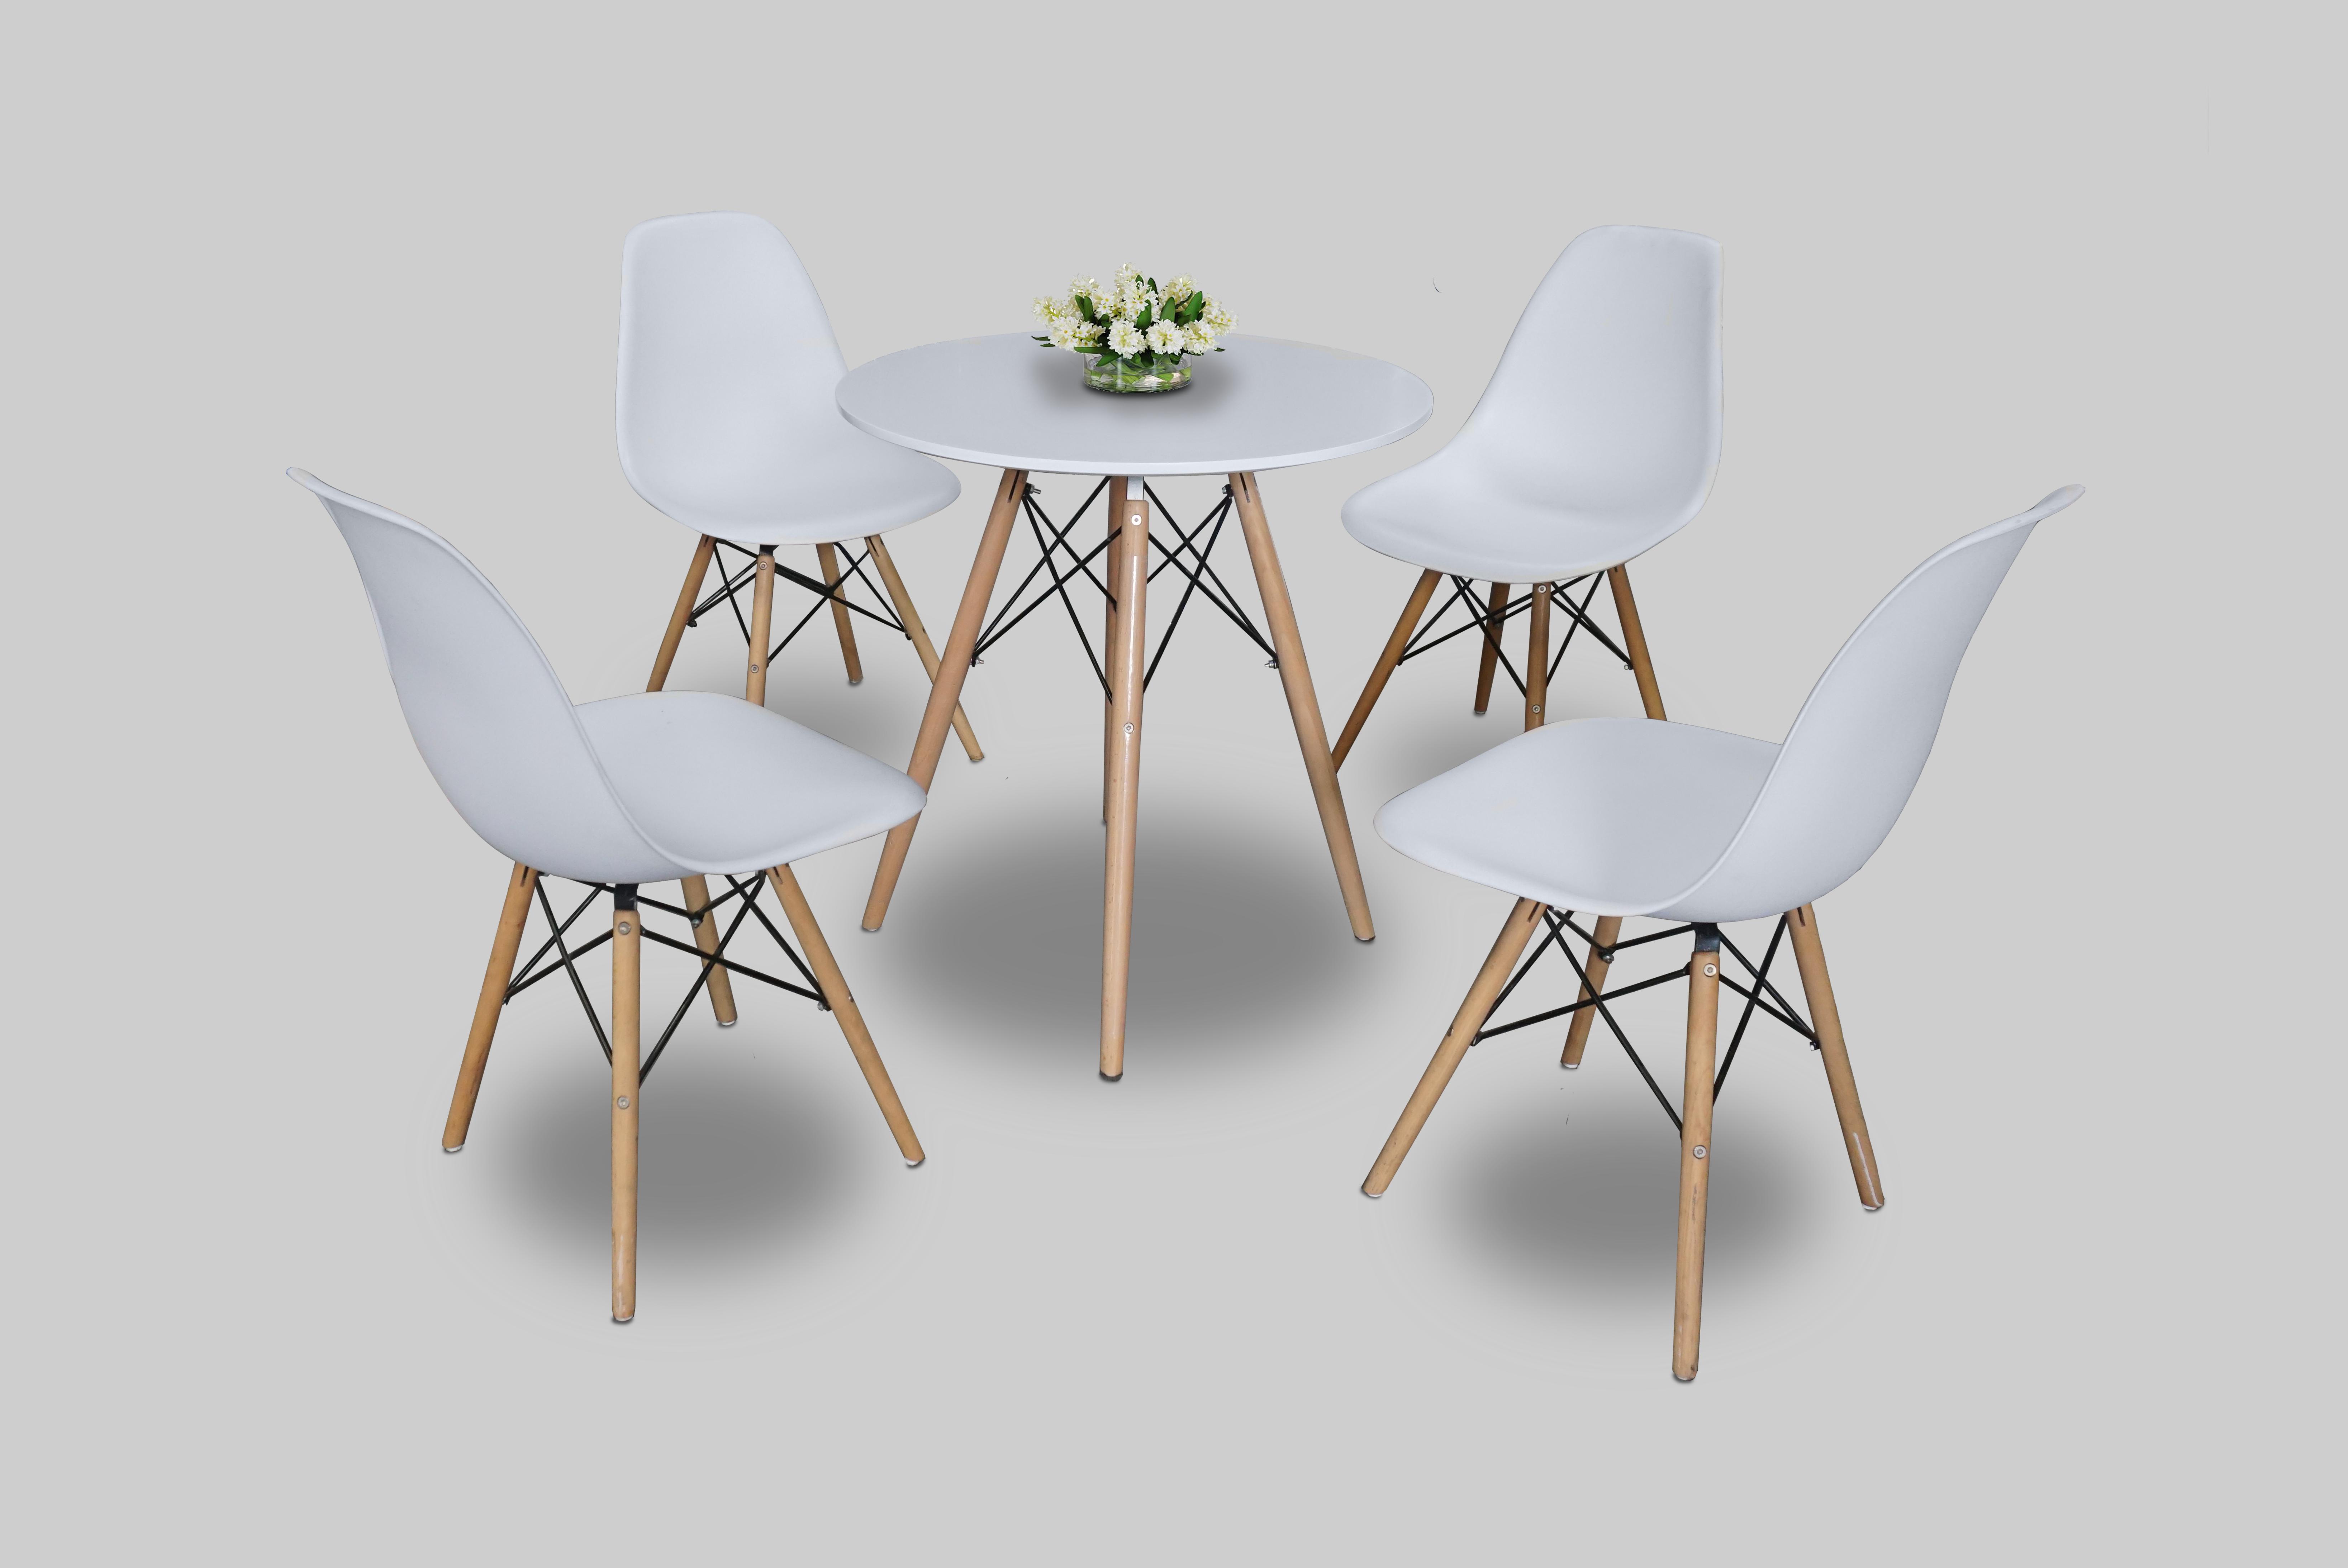 Scandinavian Round Dining Table Furniture Rentals In Dubai Abu Dhabi Uae